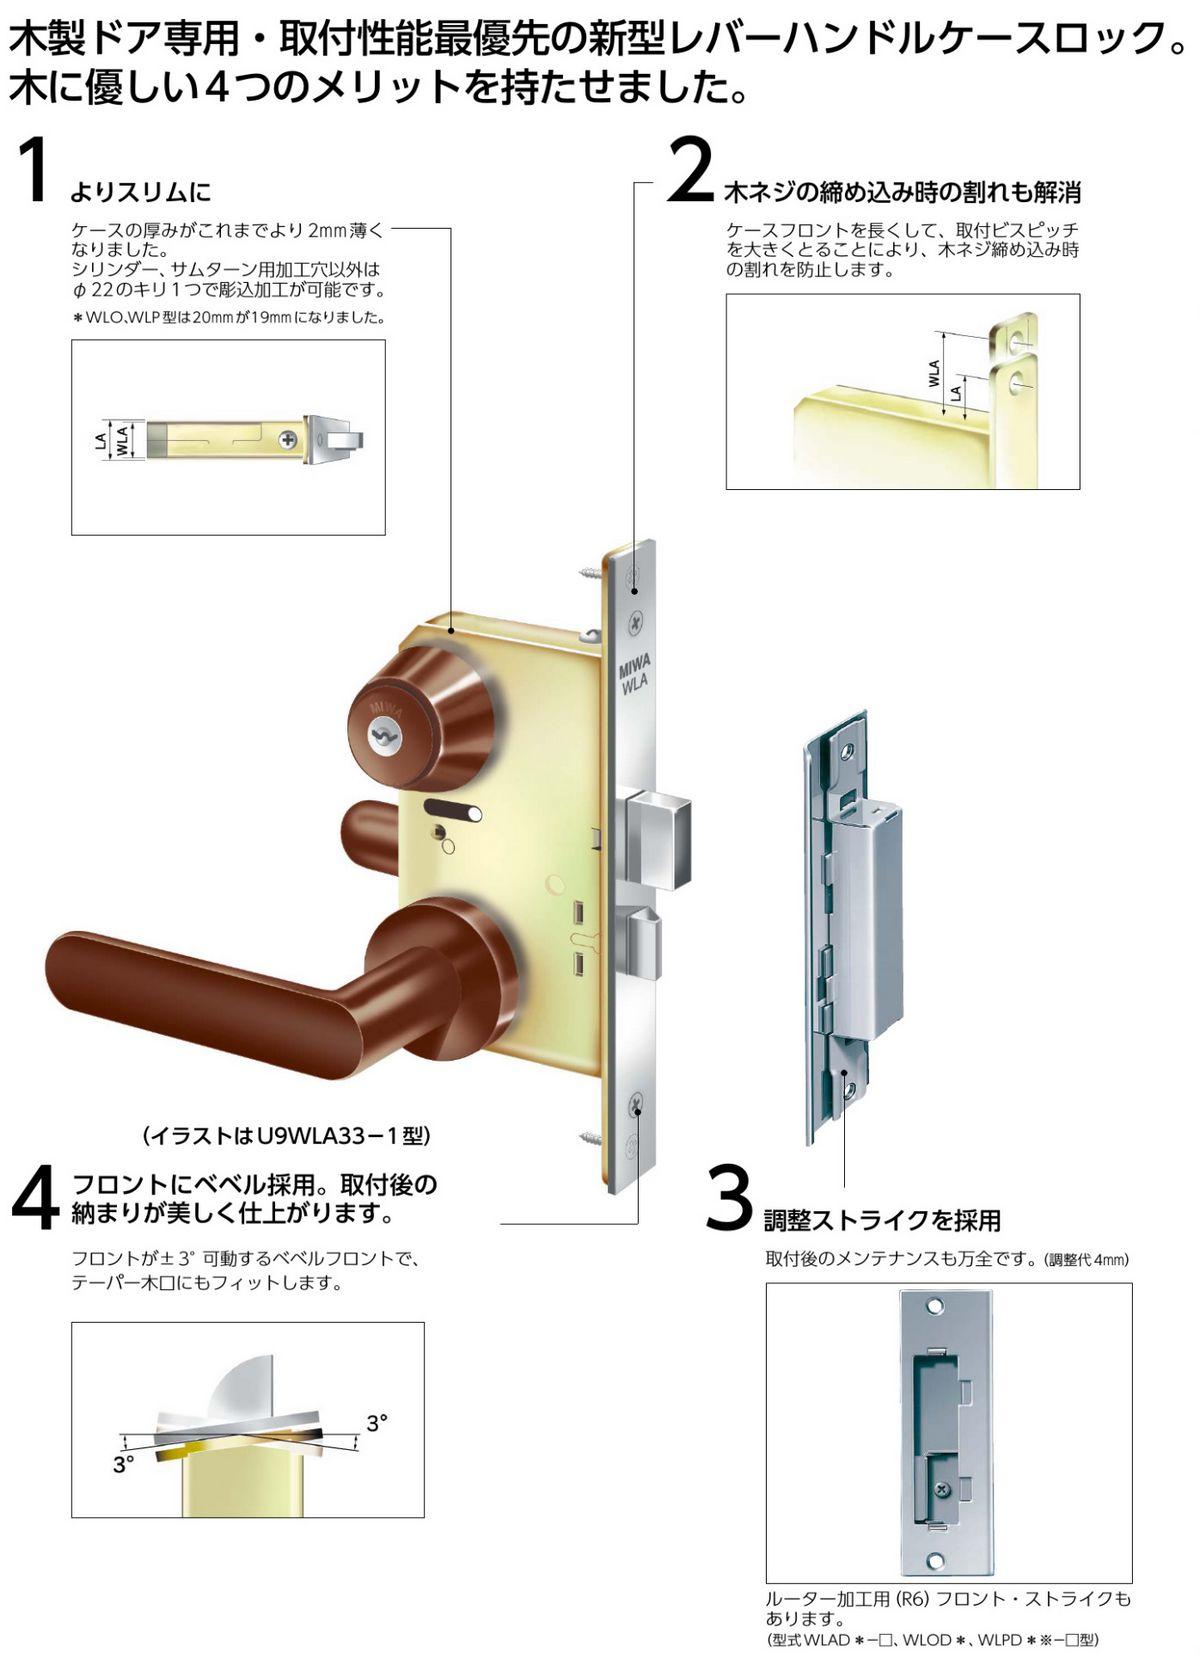 MIWA,美和ロック U9WLA木製ドア用レバーハンドル錠